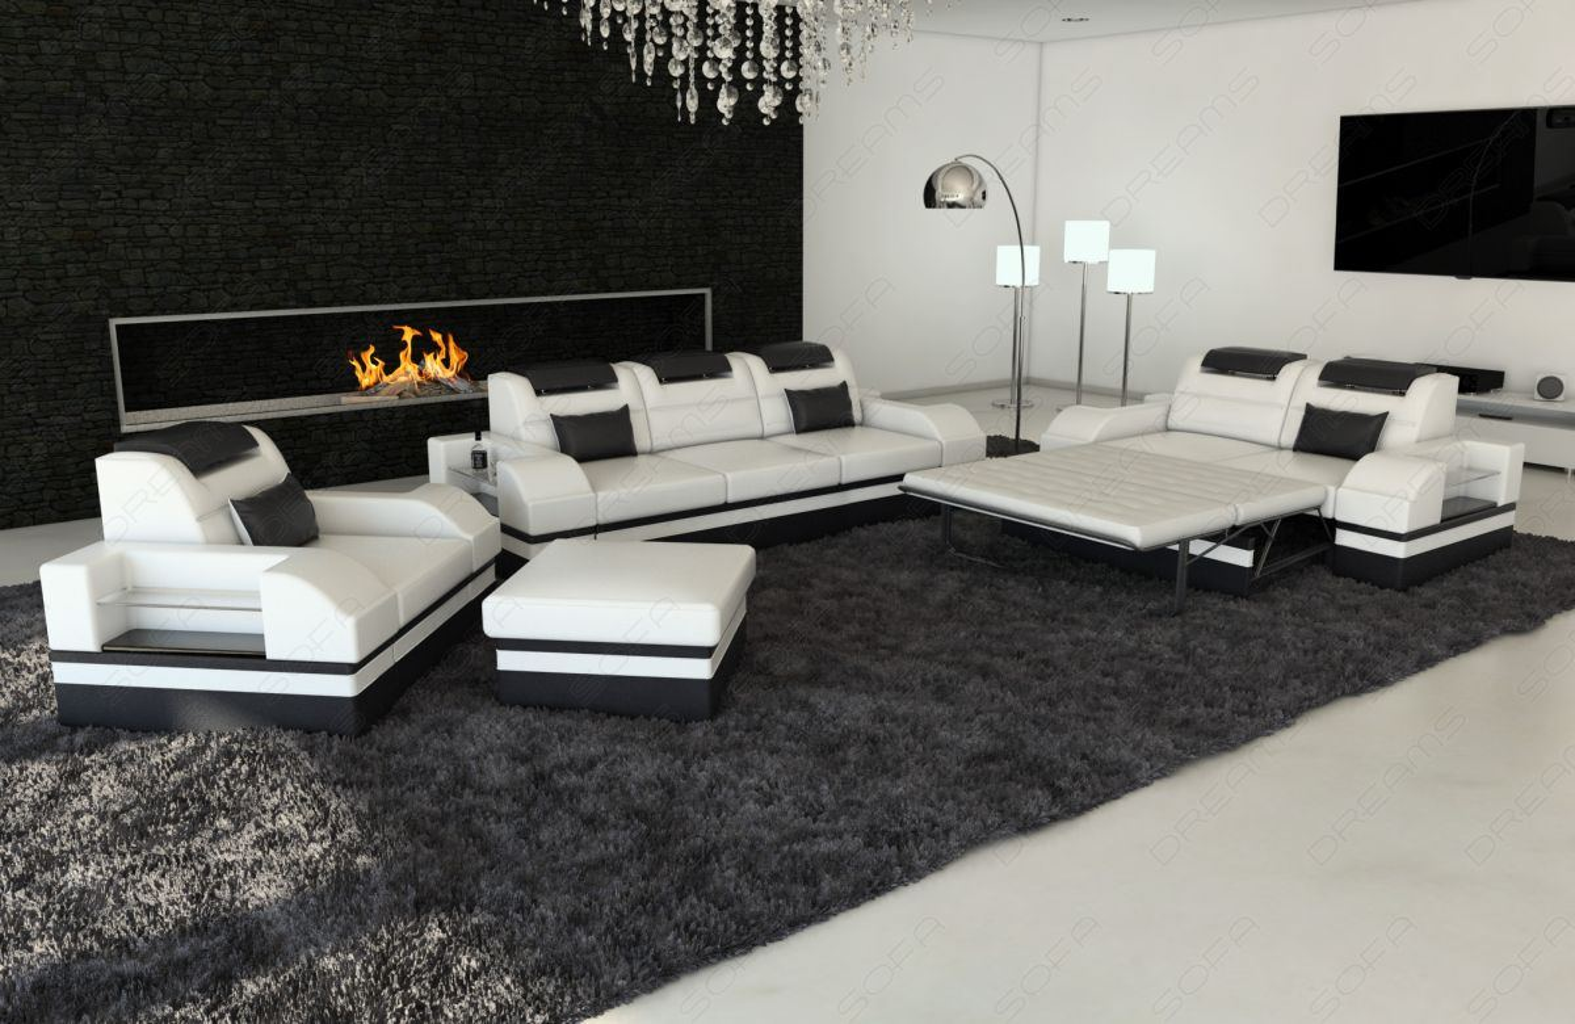 sofa mit schlaffunktion nach vorn ausziehbar inspirierendes design f r wohnm bel. Black Bedroom Furniture Sets. Home Design Ideas